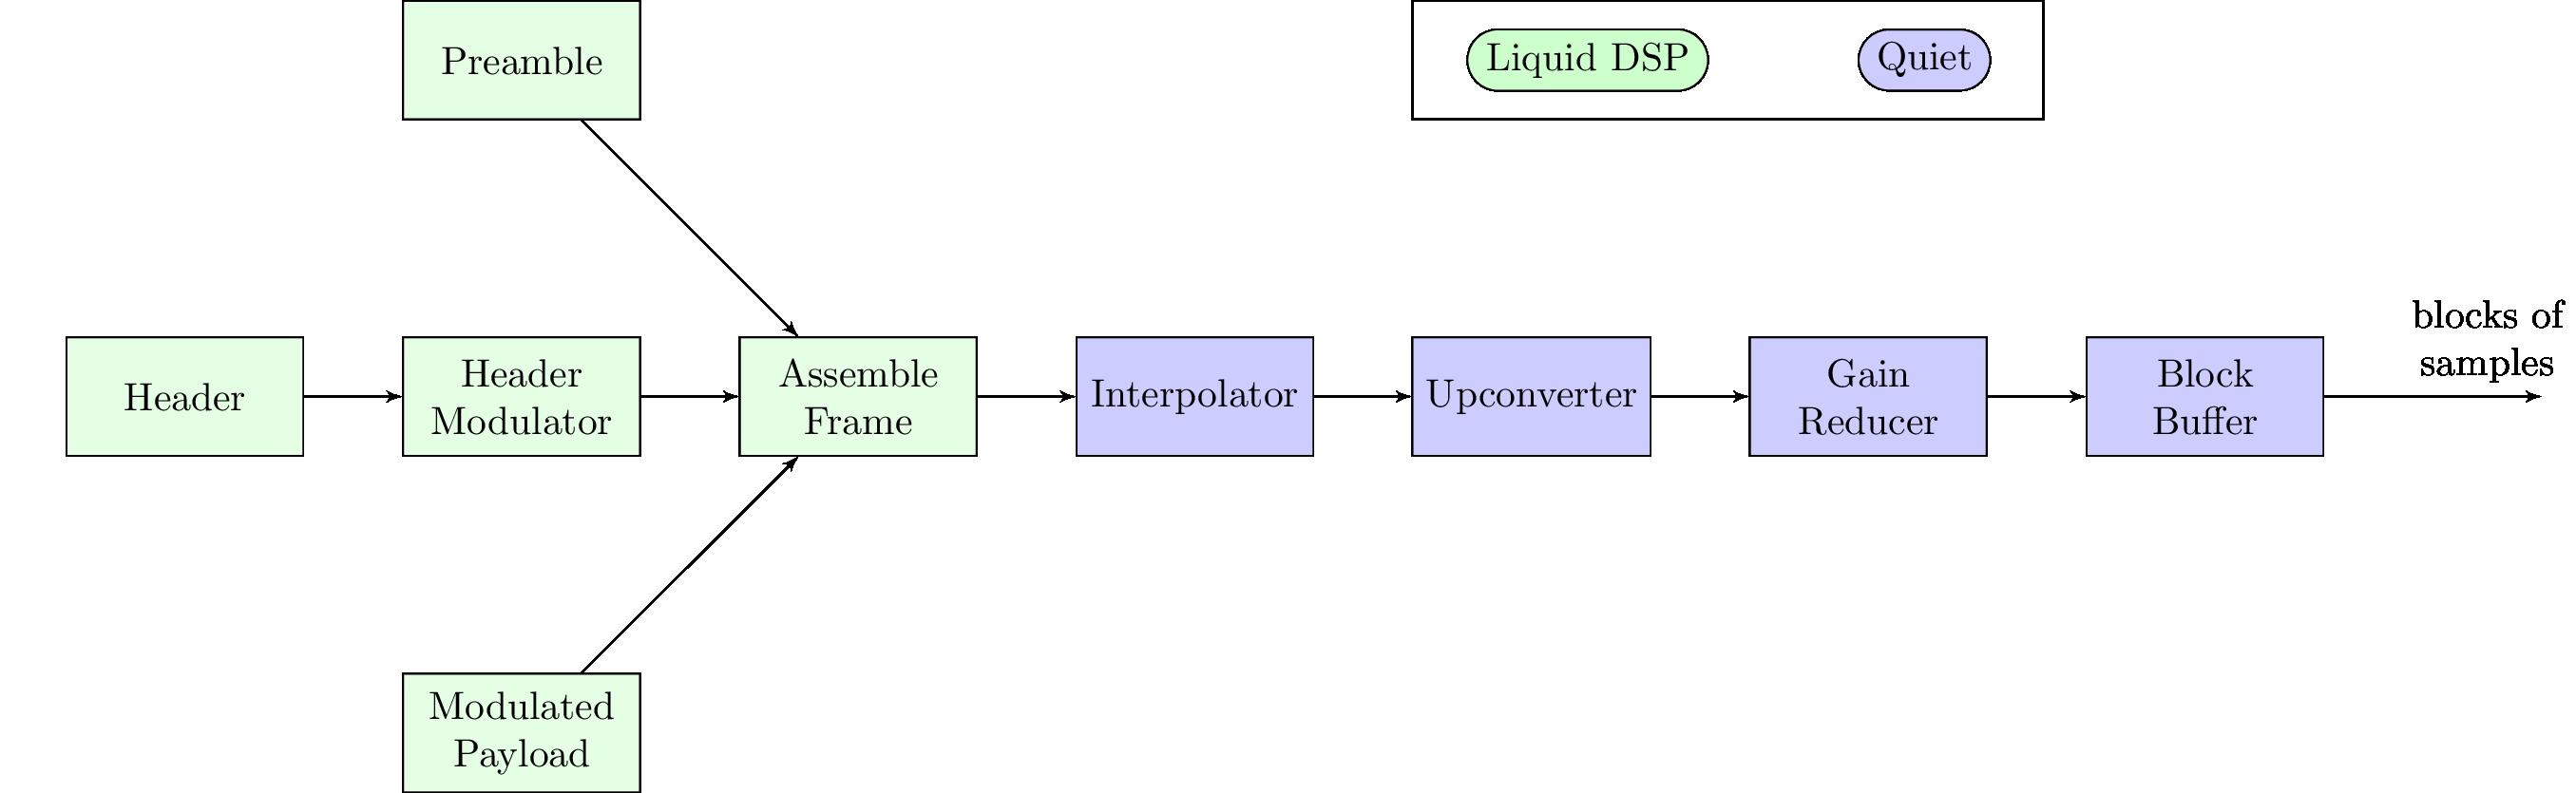 block diagram reducer how it works quiet modem project block diagram reduction problems how it works quiet modem project